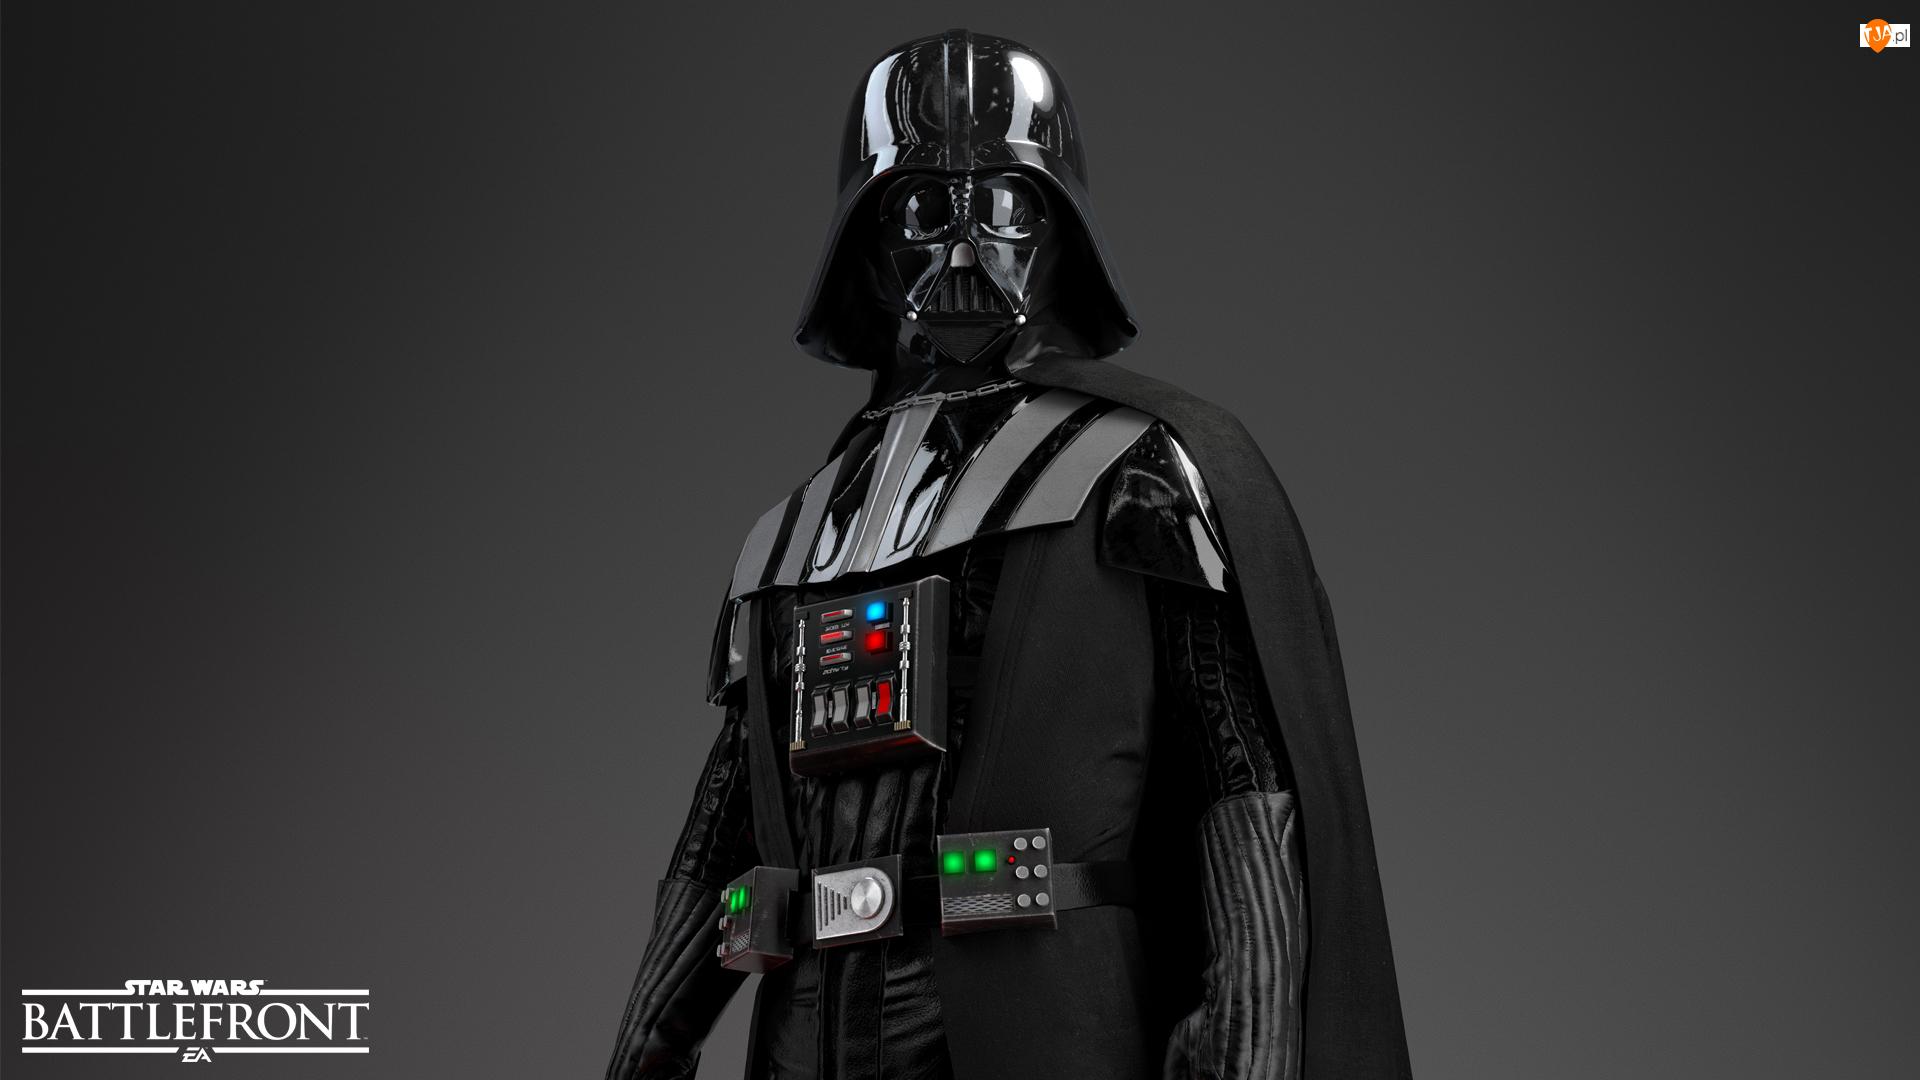 Darth Vader, Star Wars: Battlefront, Anakin Skywalker